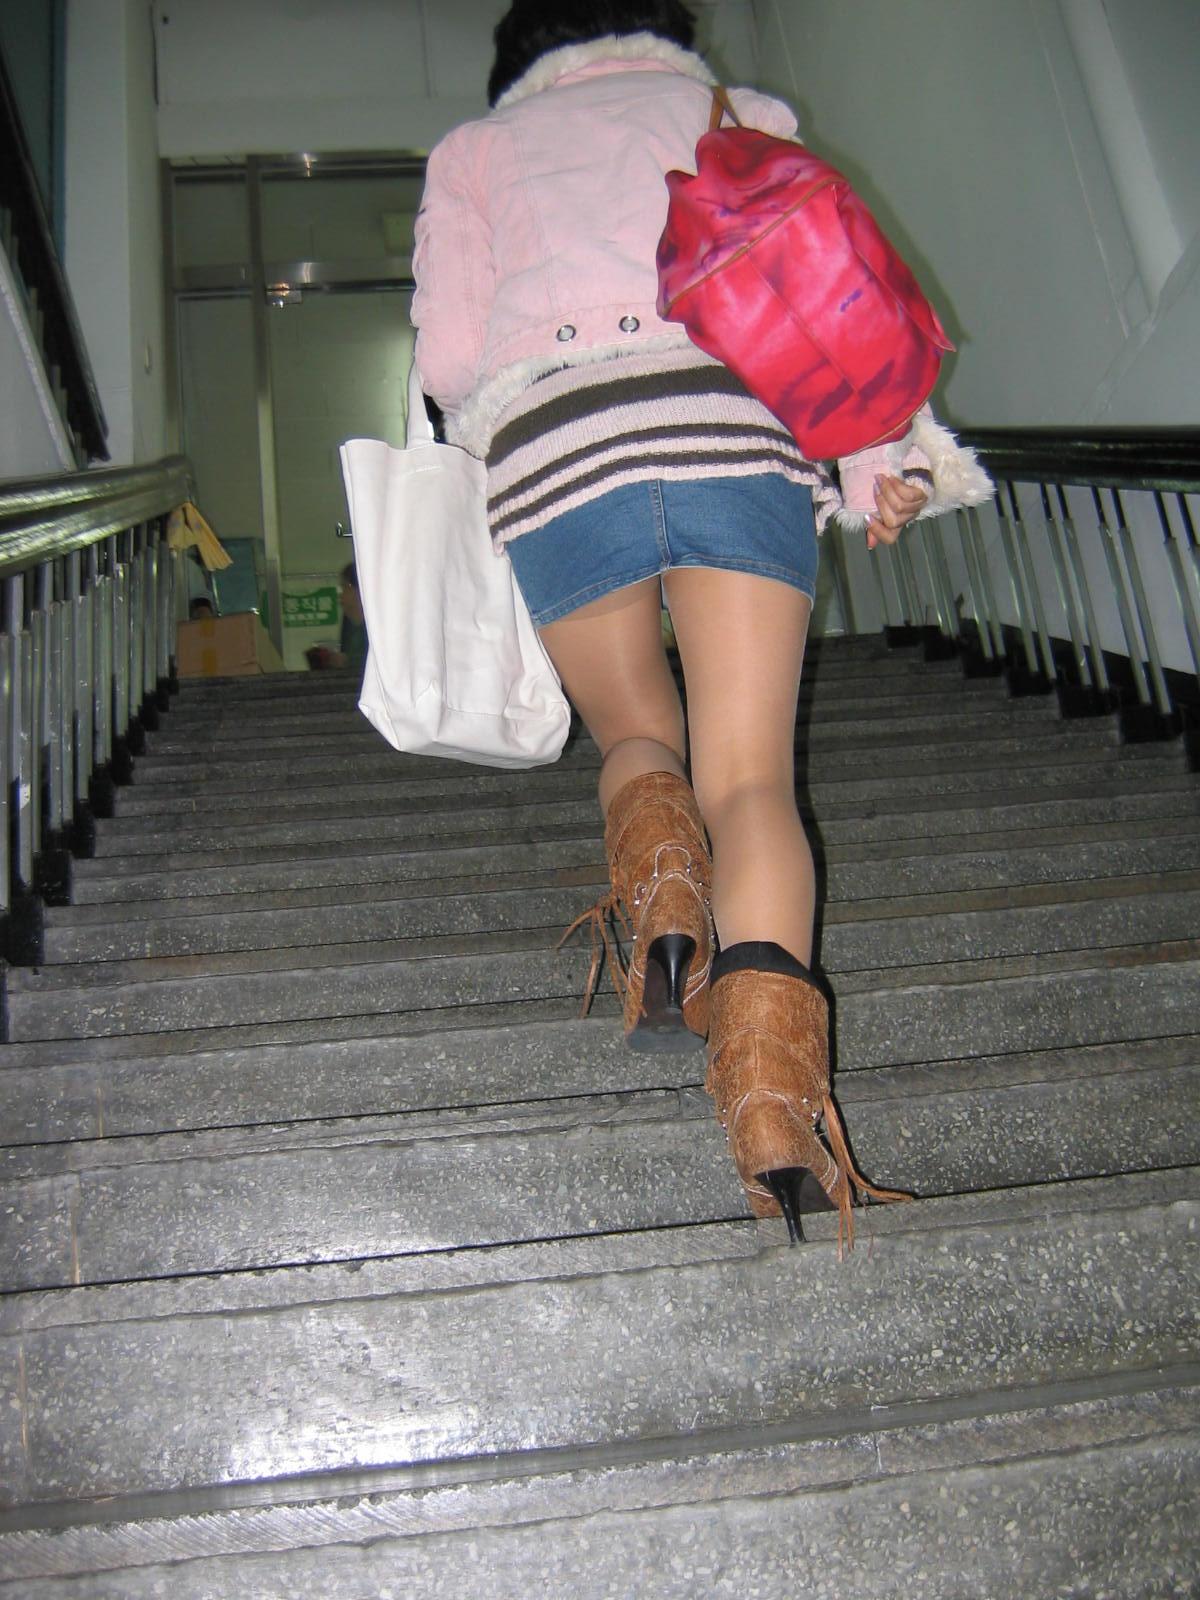 Rene zellweger in pantyhose